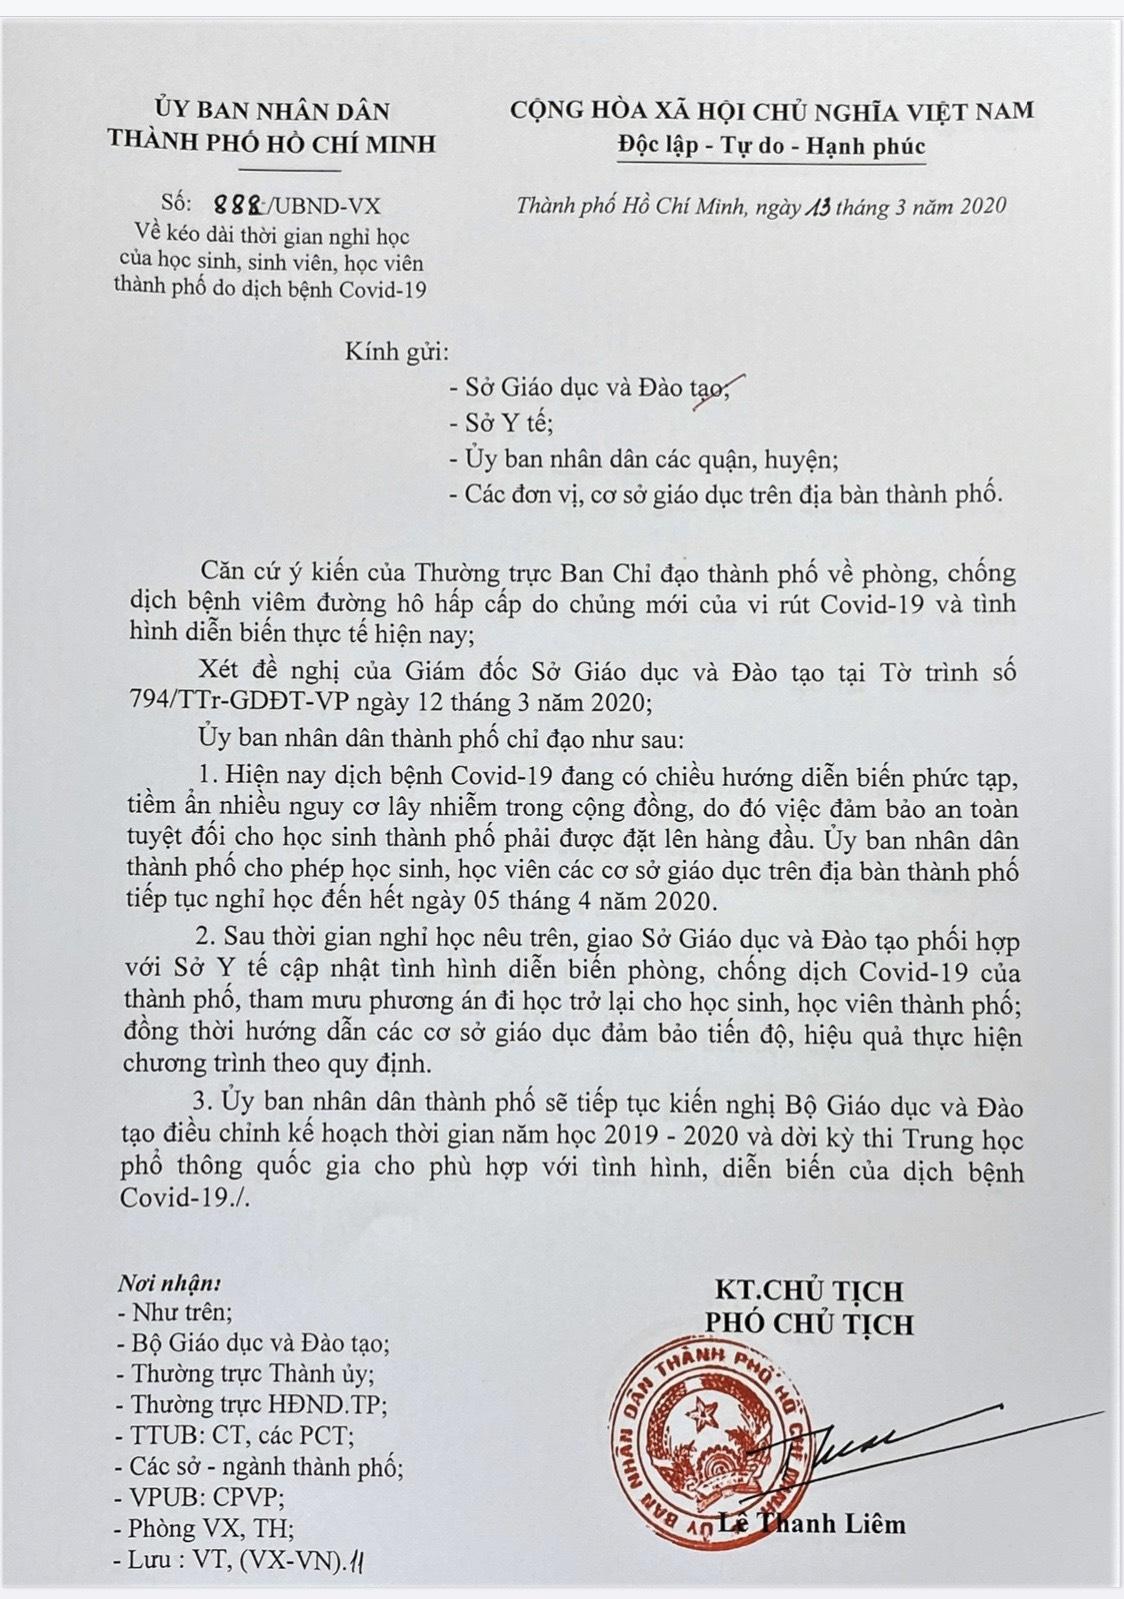 THÔNG BÁO VỀ VIỆC CHO TRẺ TIẾP TỤC NGHỈ HỌC ĐỂ PHÒNG CHỐNG DICH BỆNH COVID-19